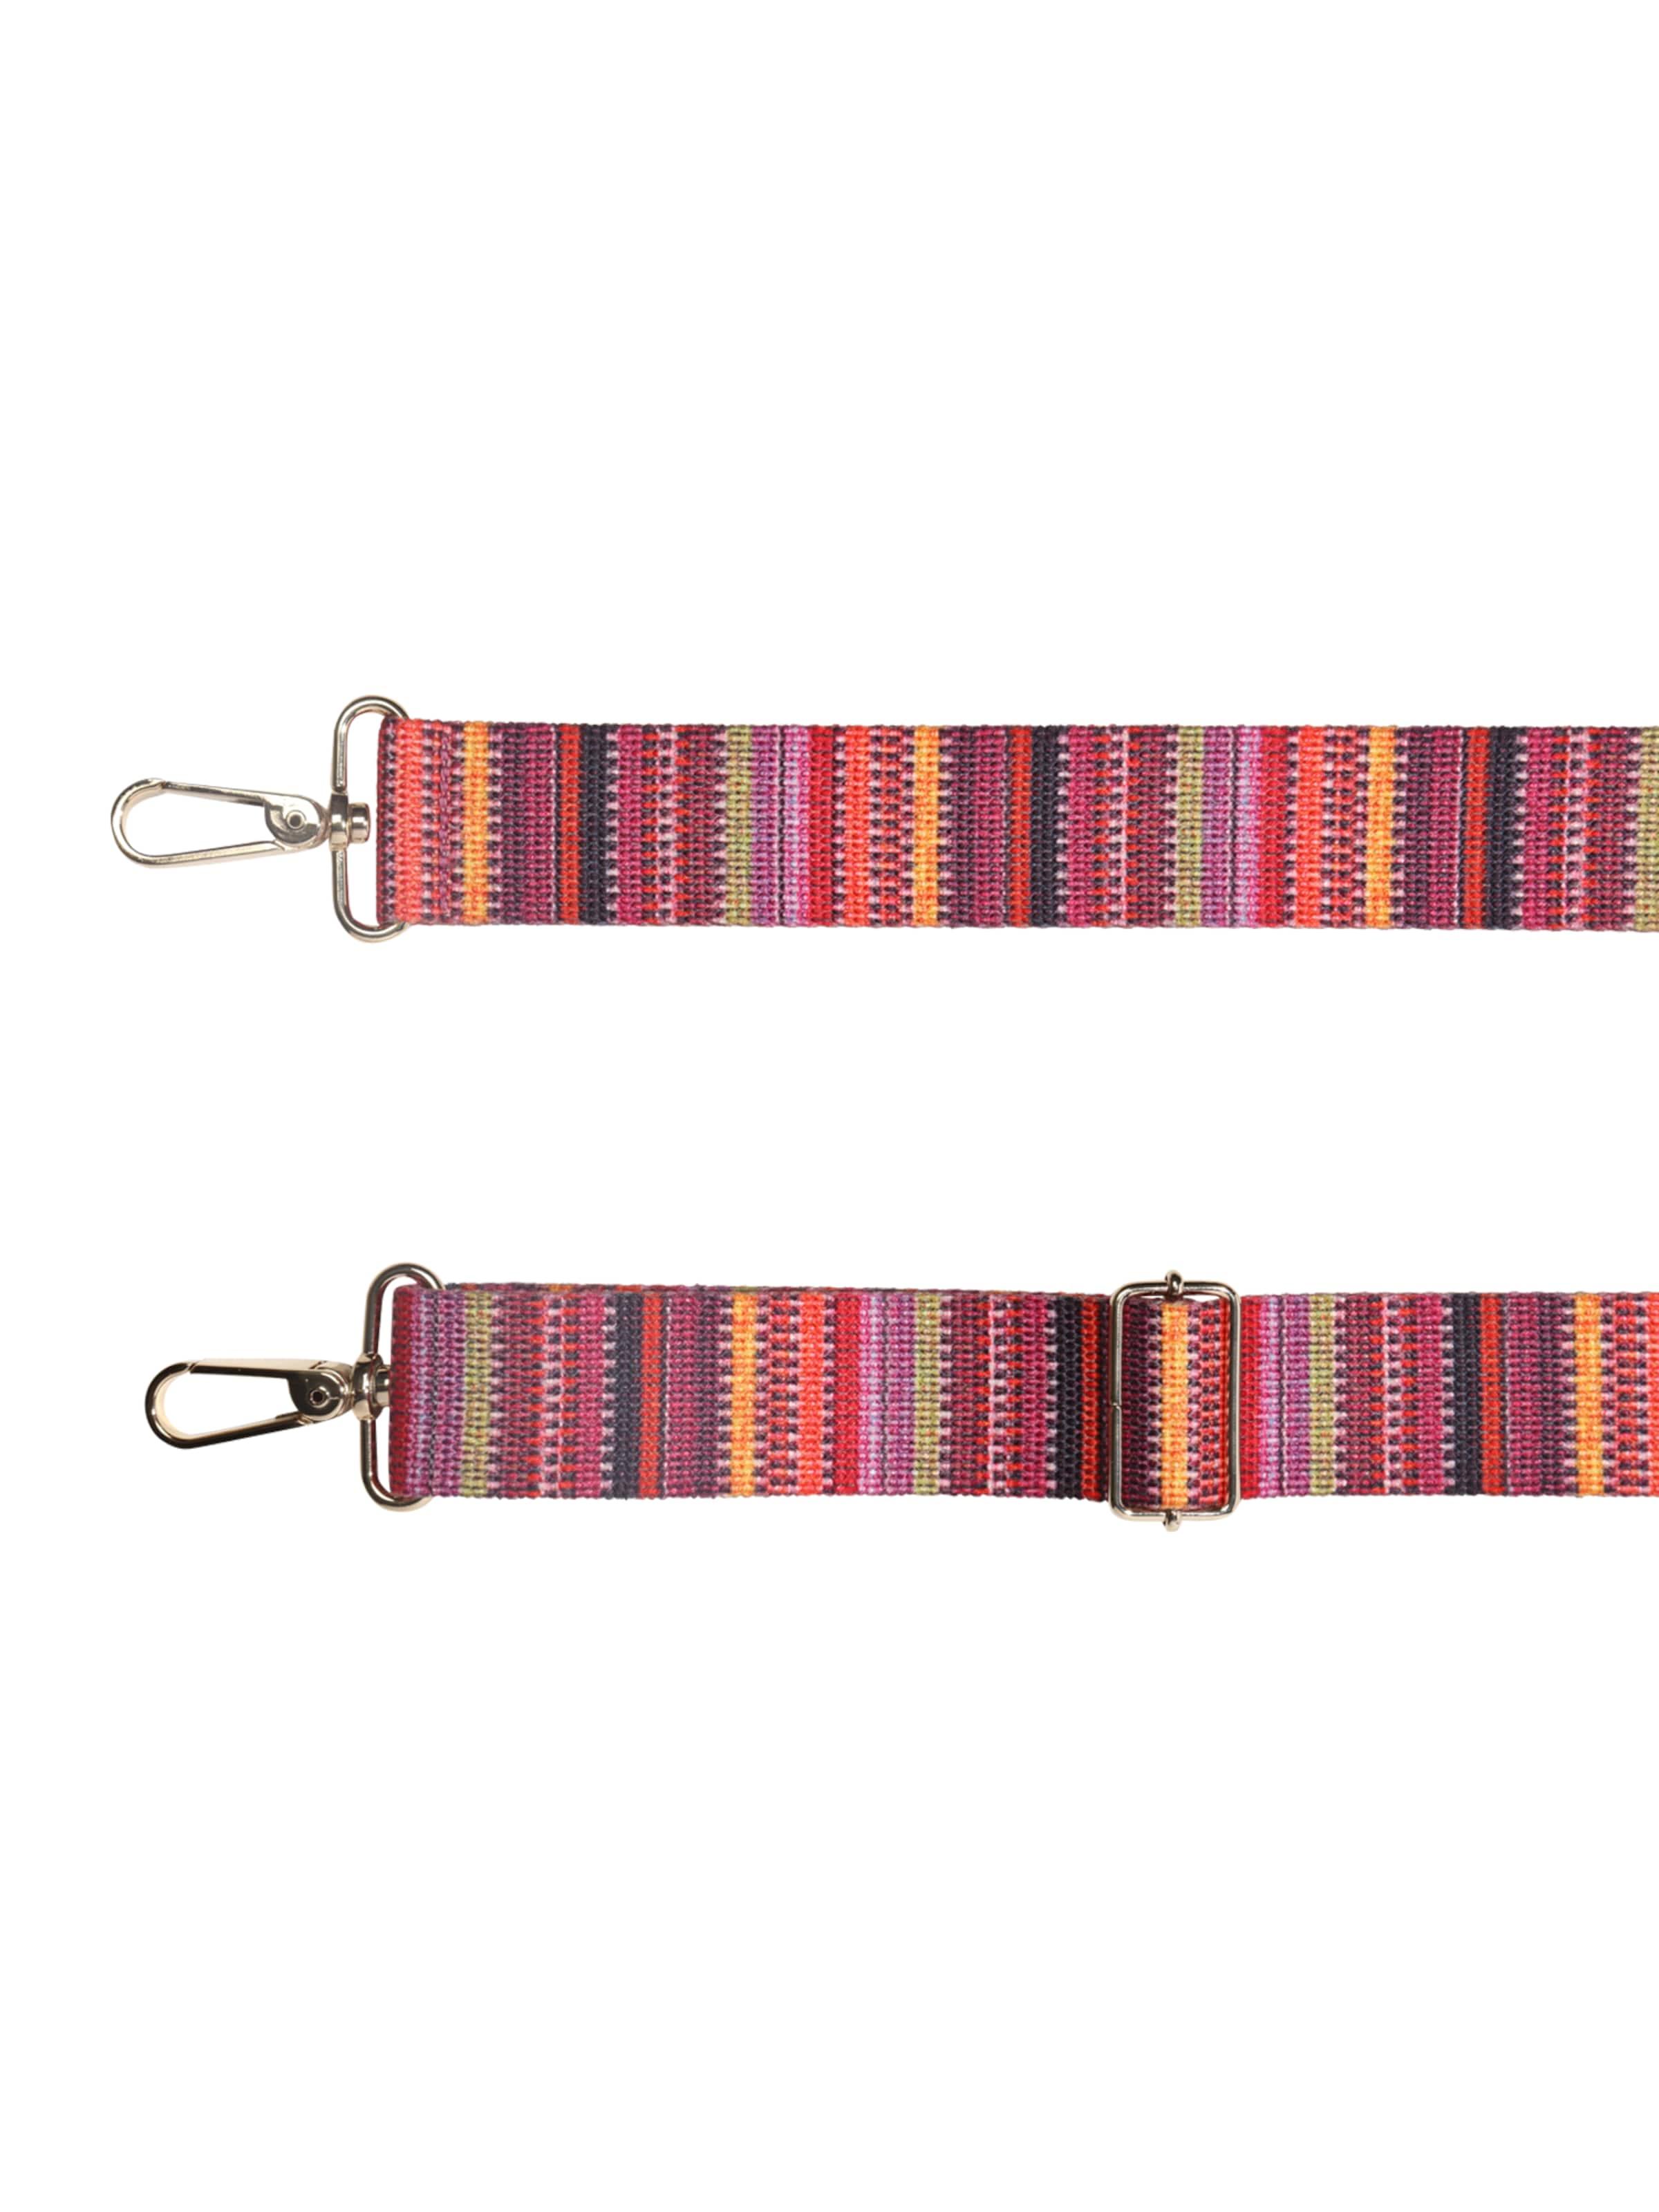 VANZETTI Textil-Taschengurt 'Ethno' Auf Dem Laufenden jJml5Cg9